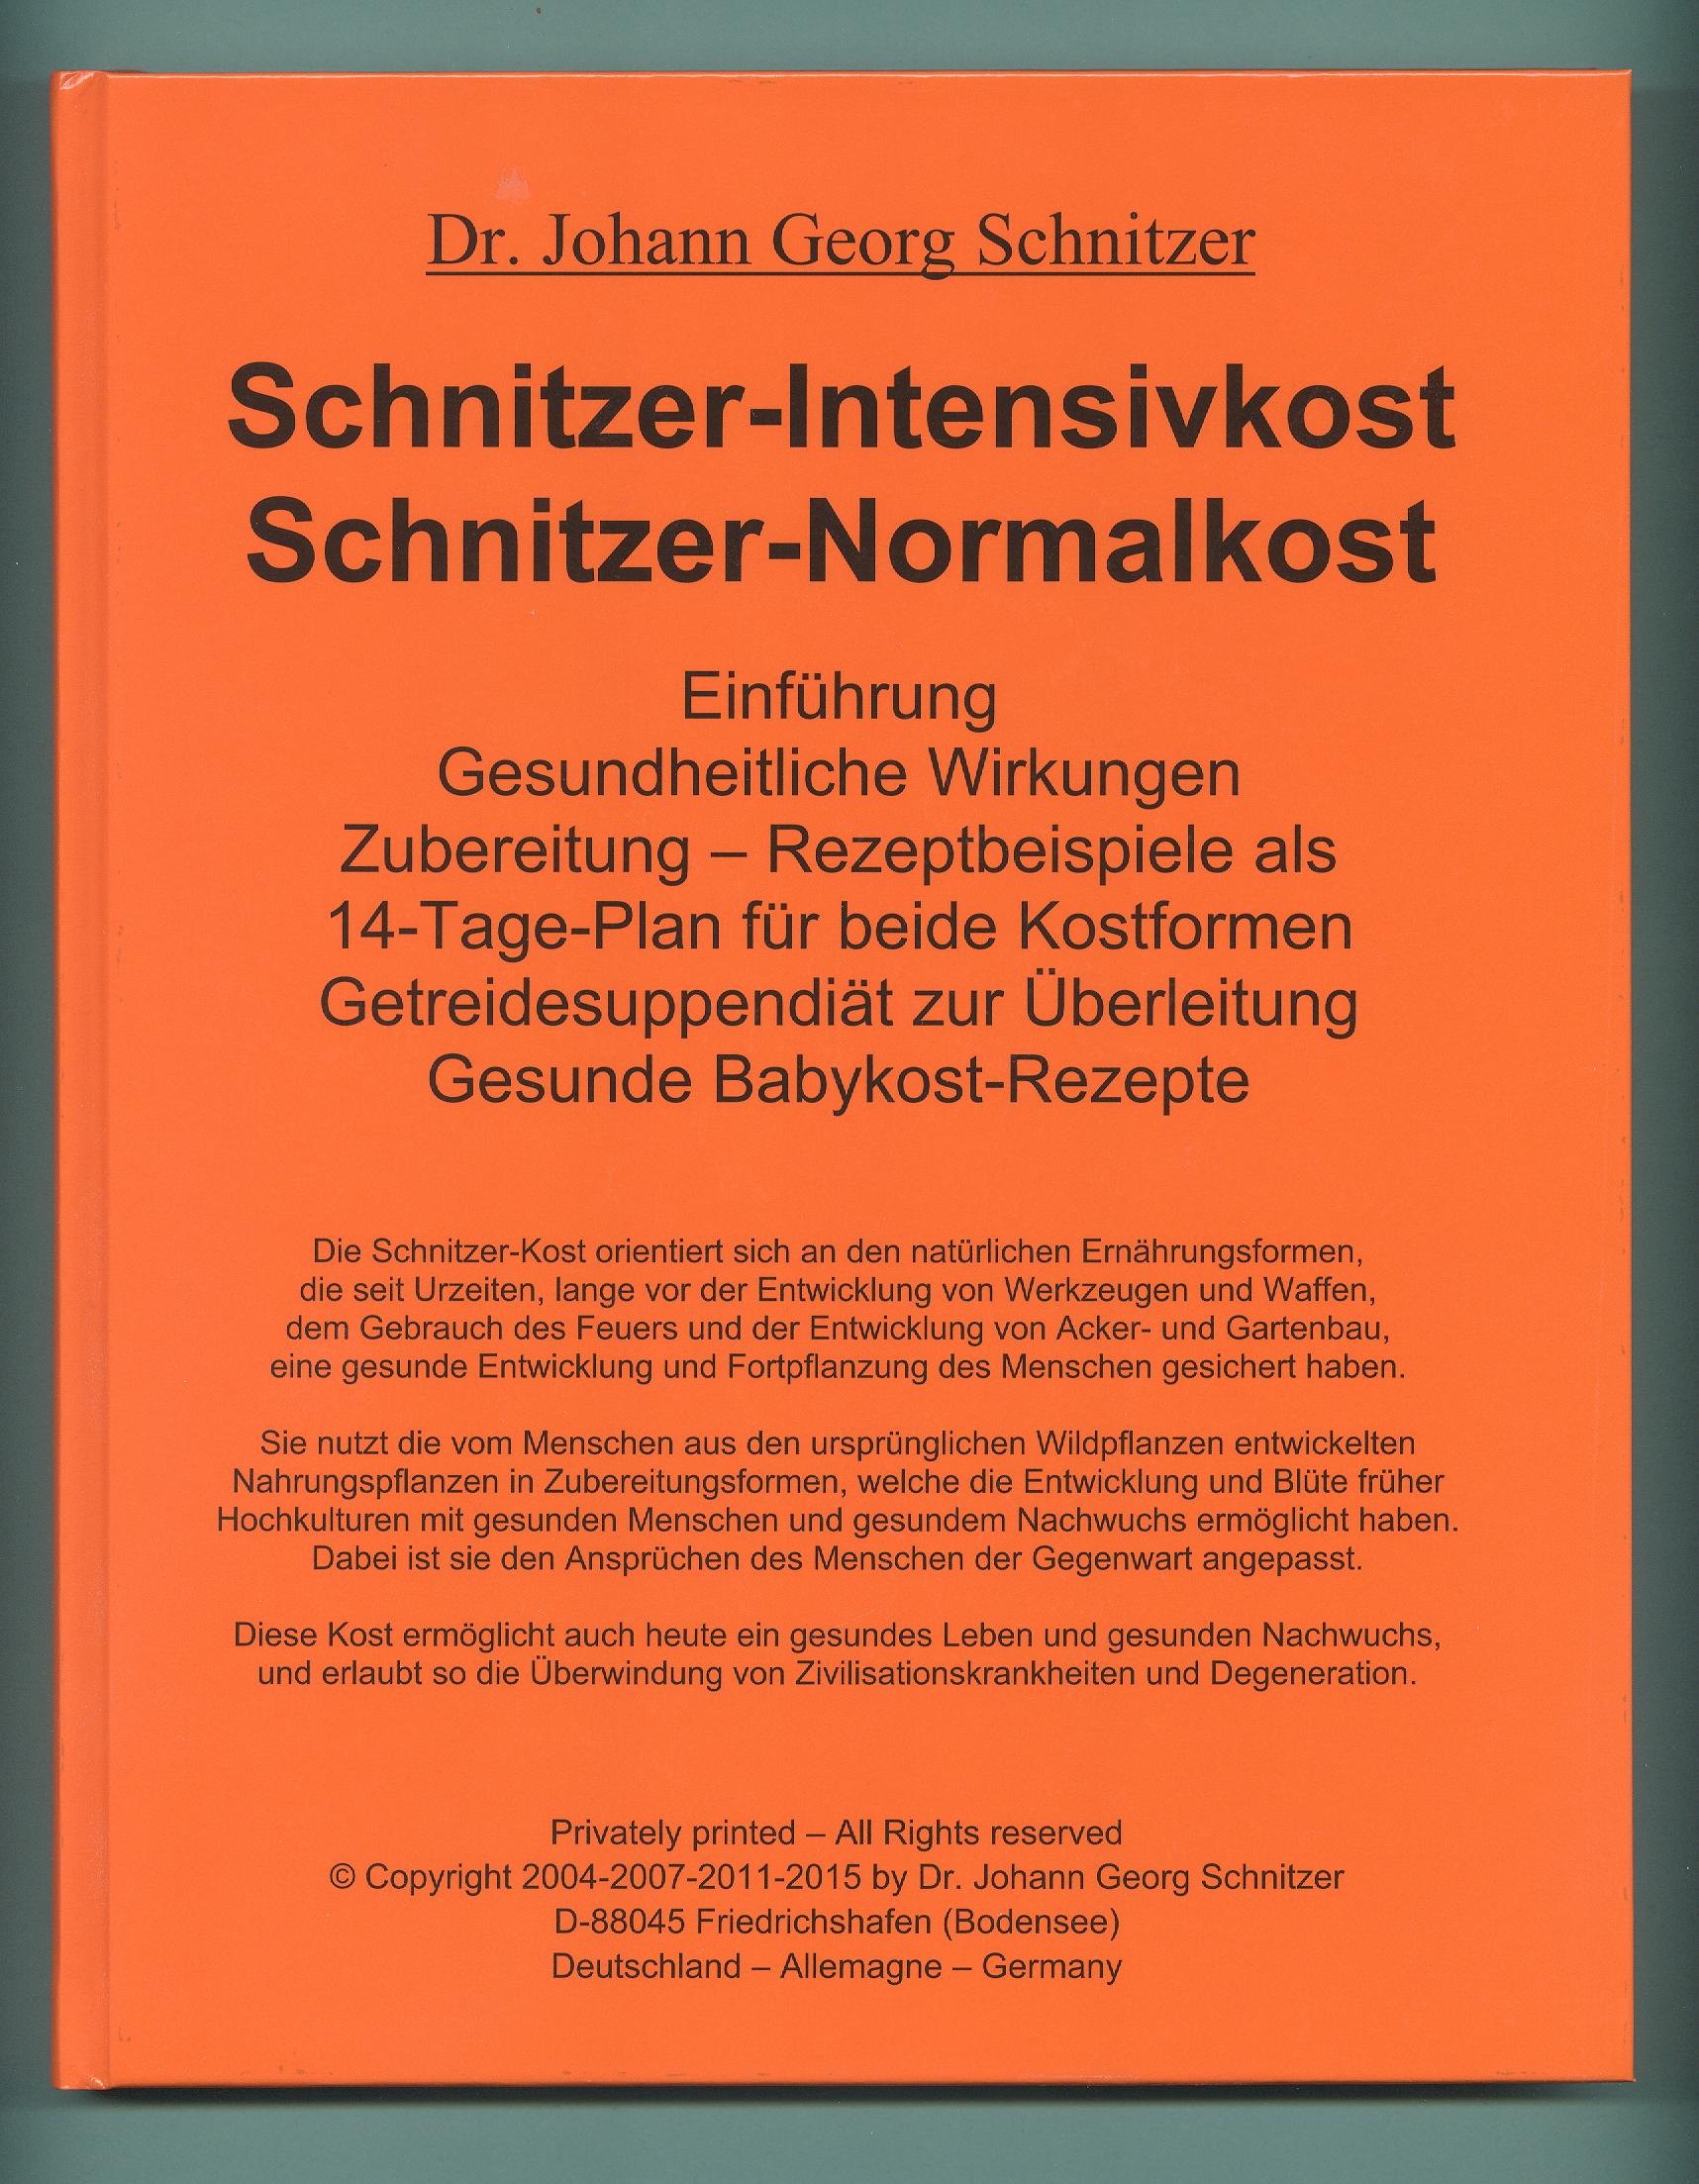 Buch Schnitzer-Intensivkost, Schnitzer-Normalkost